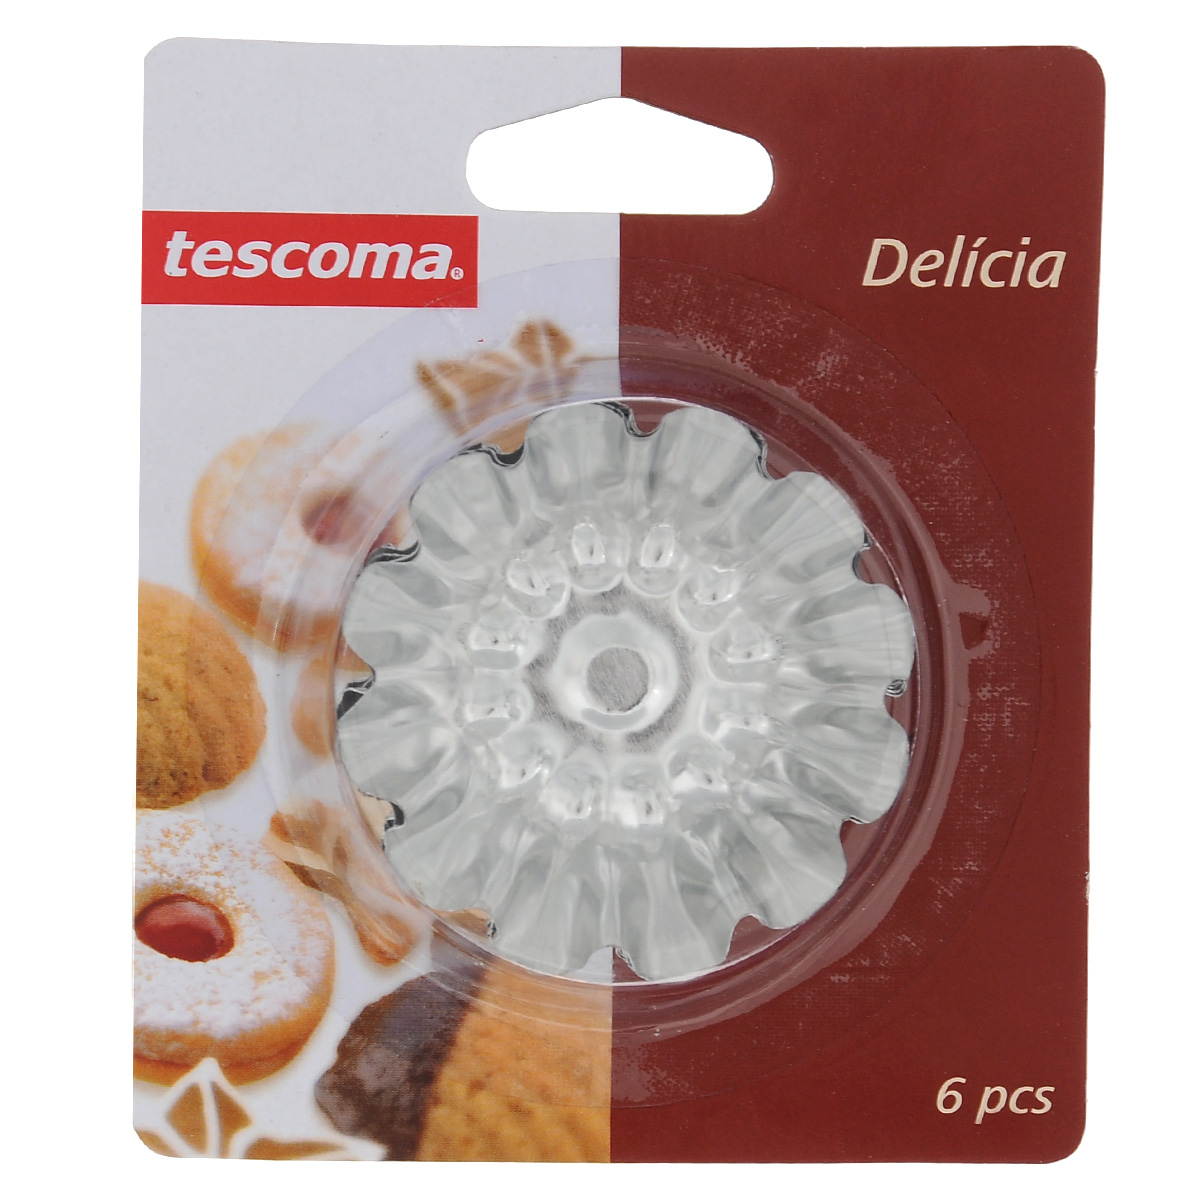 Набор форм для выпечки Tescoma Delicia, с антипригарным покрытием, 6 шт трафареты для украшения выпечки tescoma delicia диаметр 21 см 6 шт